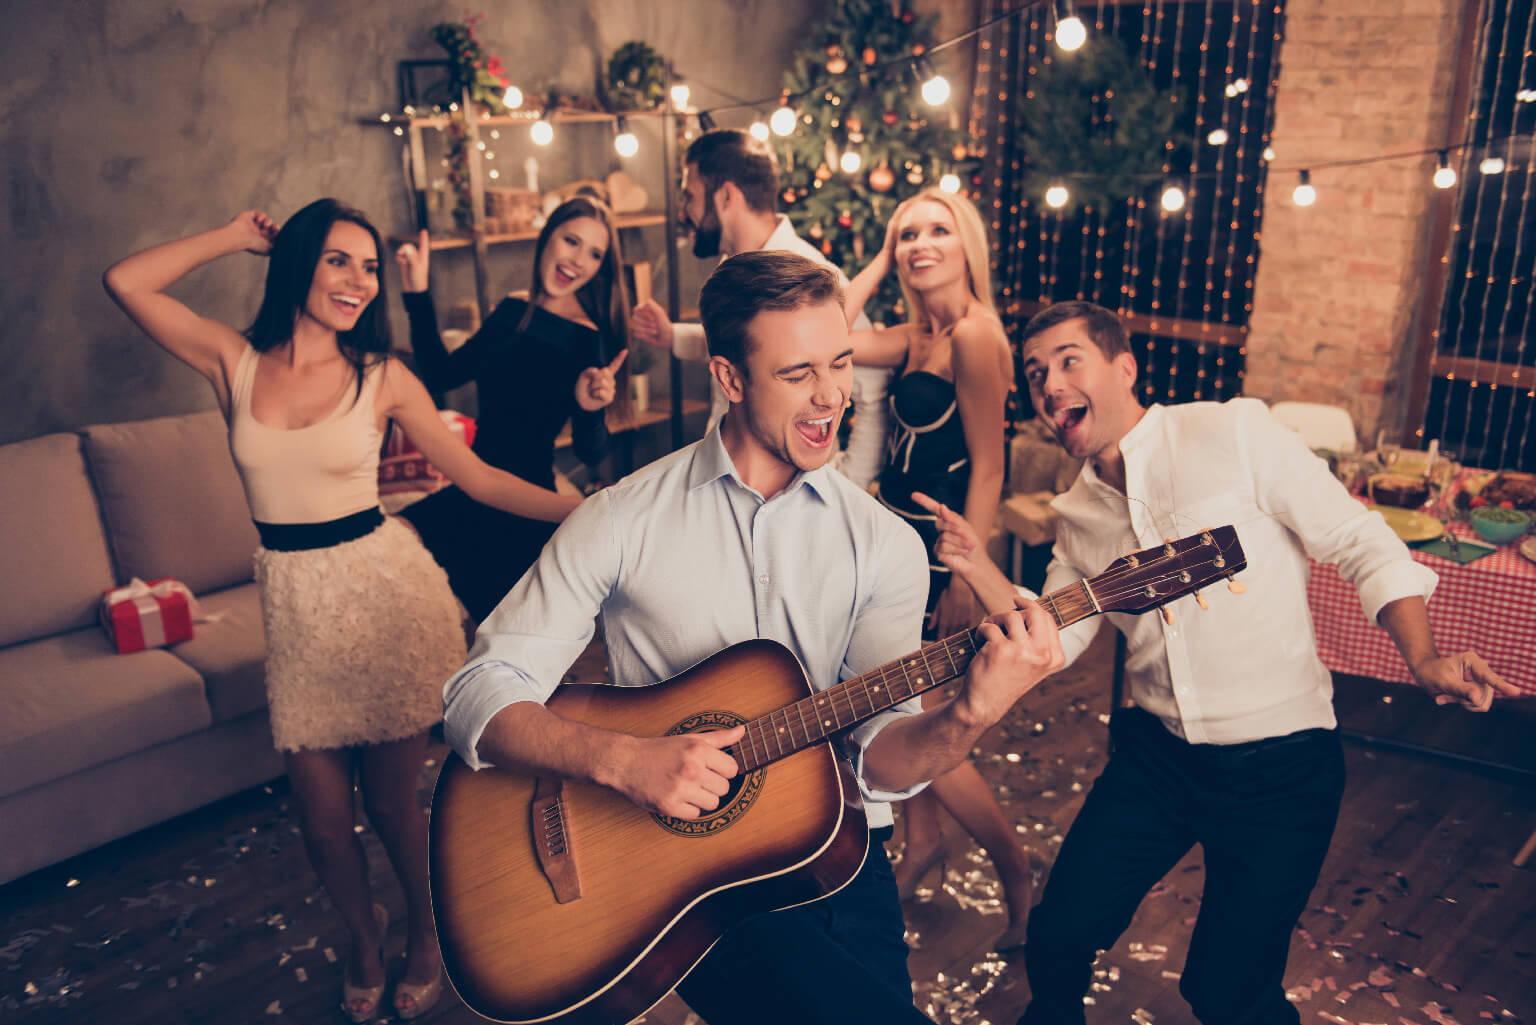 Celebrando el año nuevo. ¡El joven músico guapo hace ruido con su instrumento! Grupo de jóvenes festivos hermosos en un festín de lujo, muchos brillos en el piso, atuendos elegantes,en un ambiente relajante durante toda la noche.